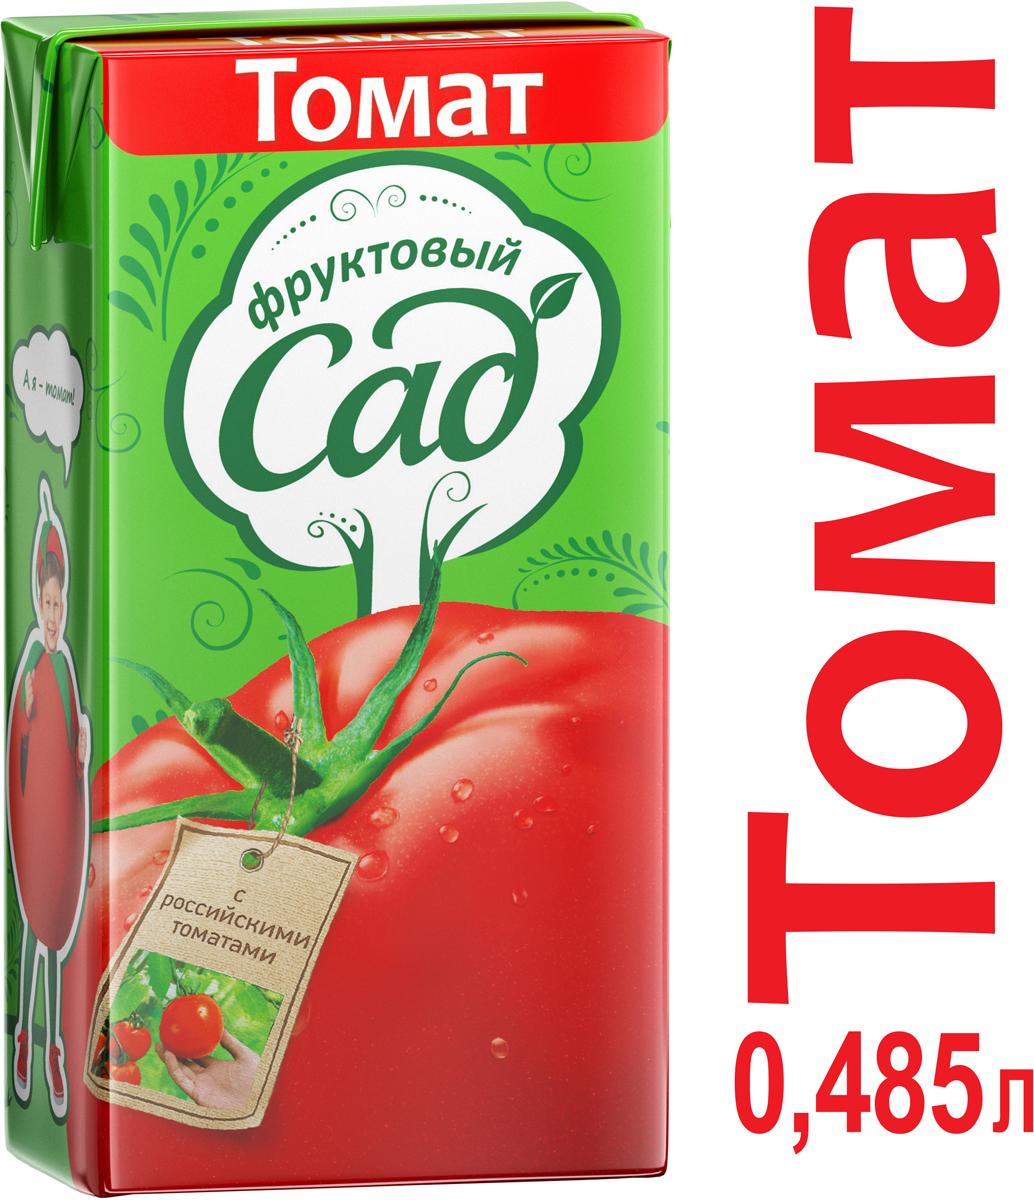 Фруктовый Сад Томат с солью сок с мякотью, 0,485 л фруктовый сад ягоды морс 0 95 л